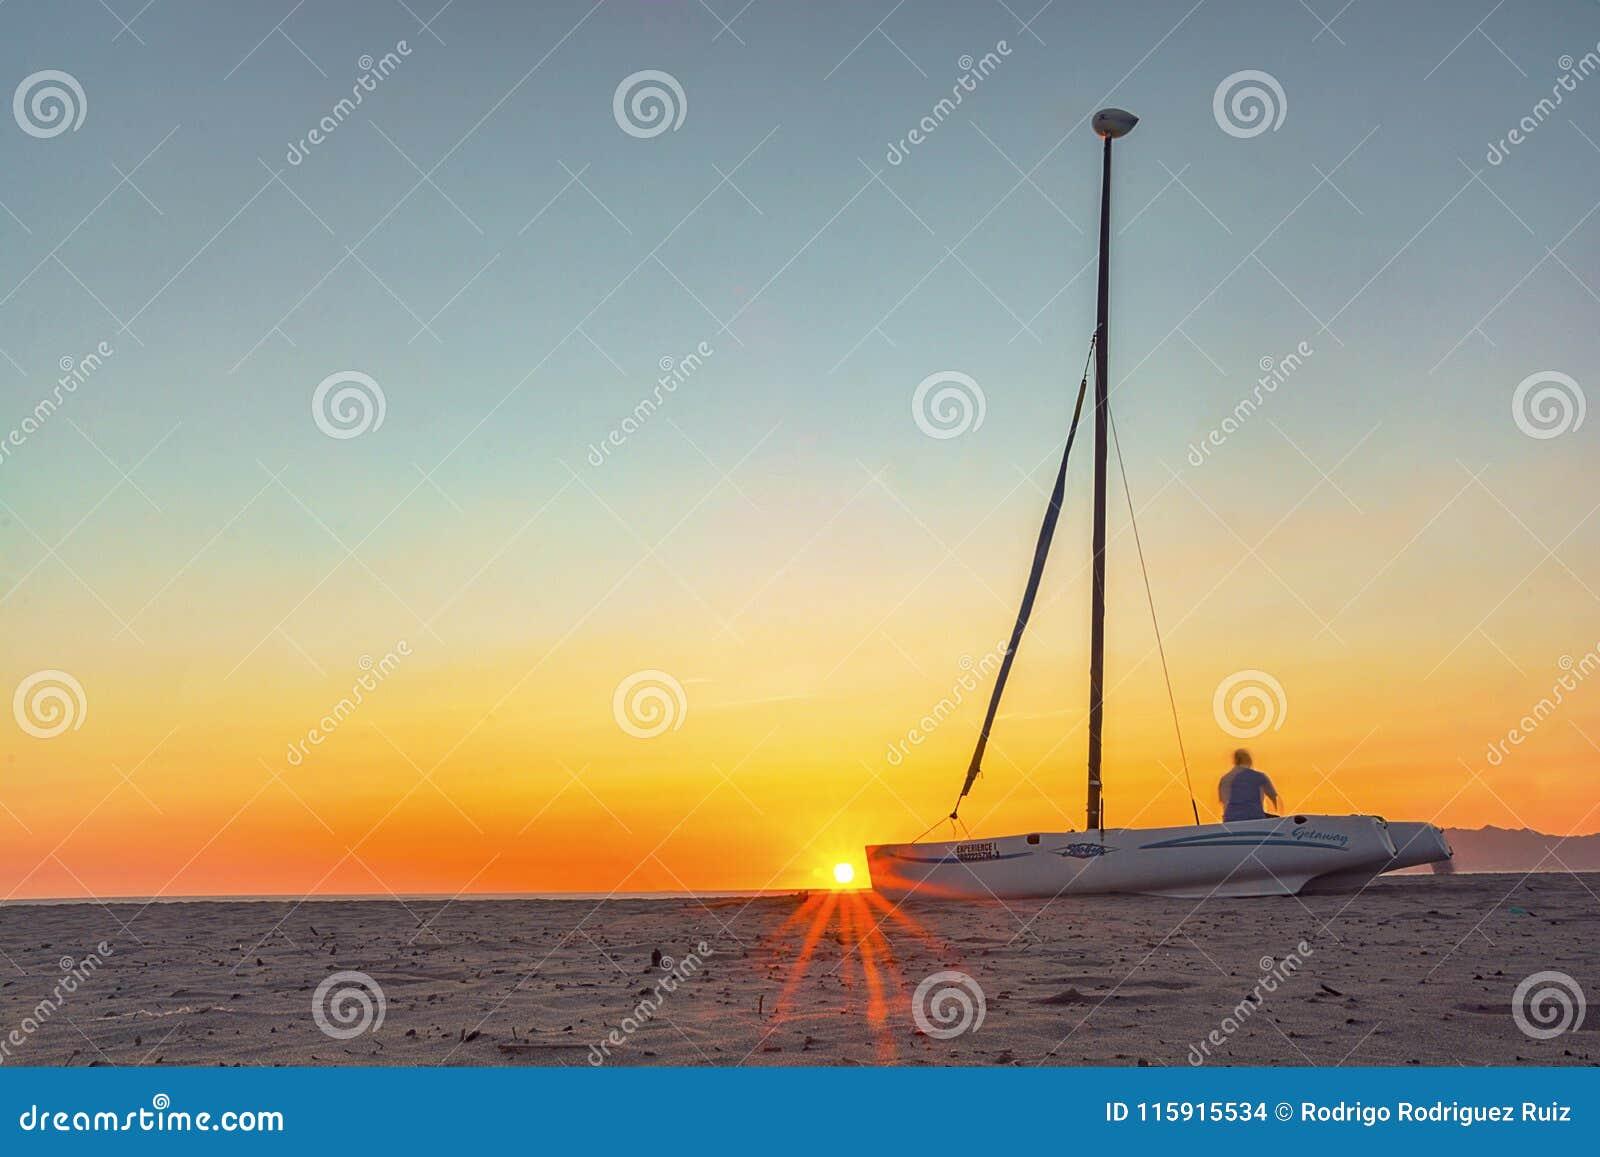 Βάρκα και ηλιοβασίλεμα πανιών στην παραλία